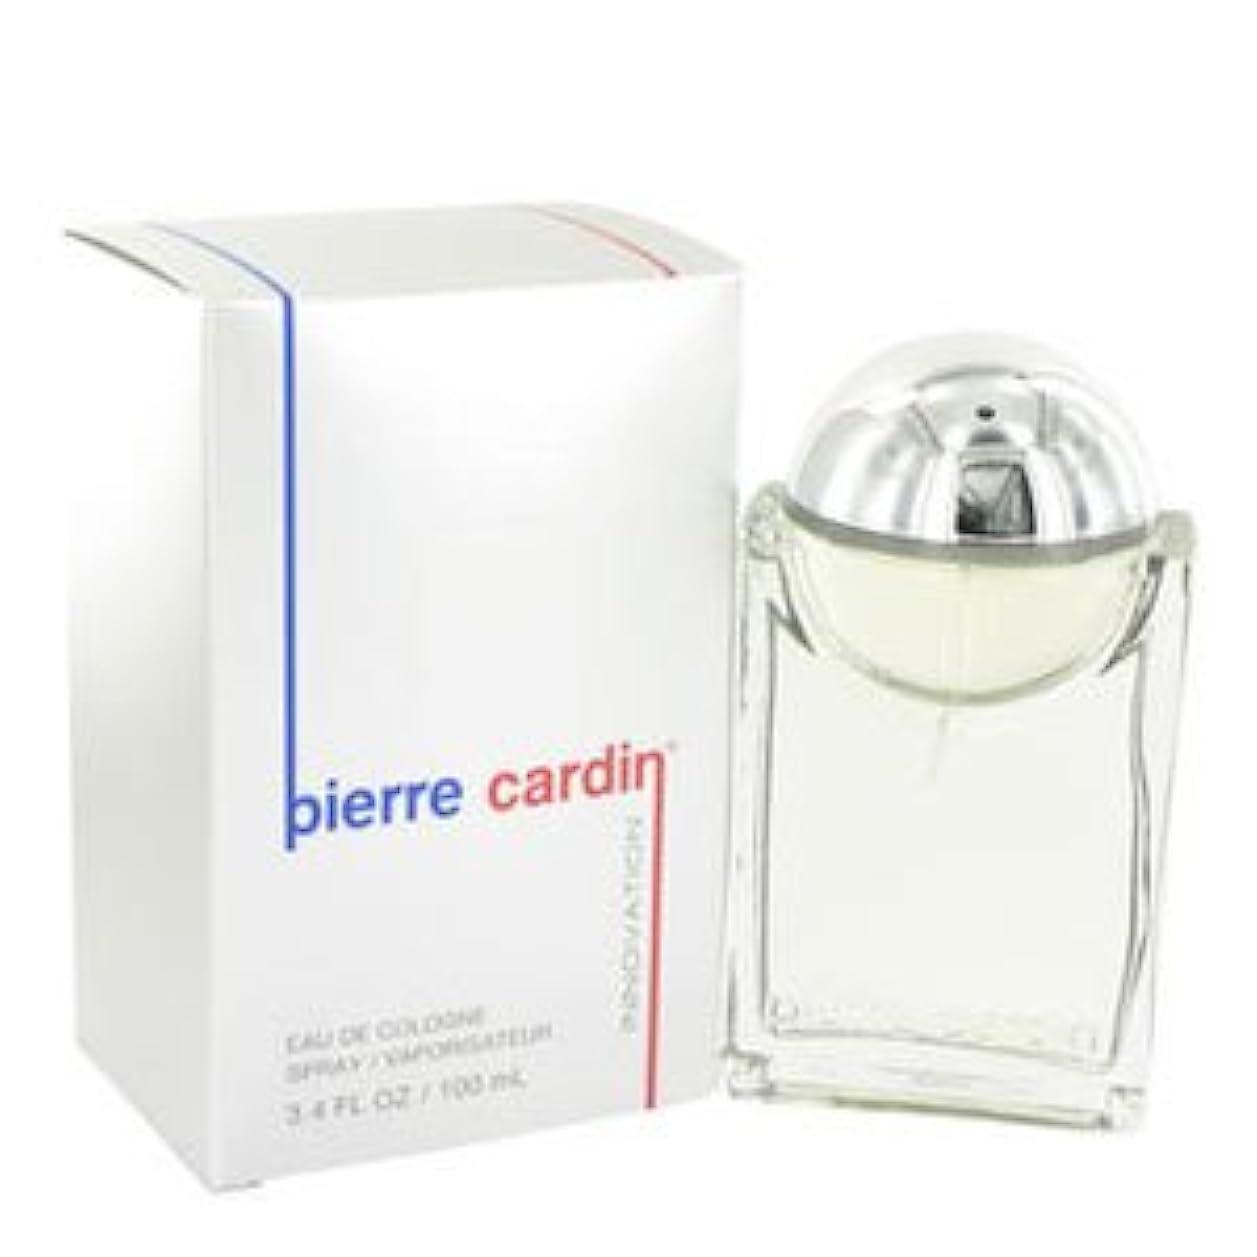 外交官肥料風景Pierre Cardin Innovation (ピエール カルダン イノベーション) 3.4 oz (100ml) EDC Spray for Men